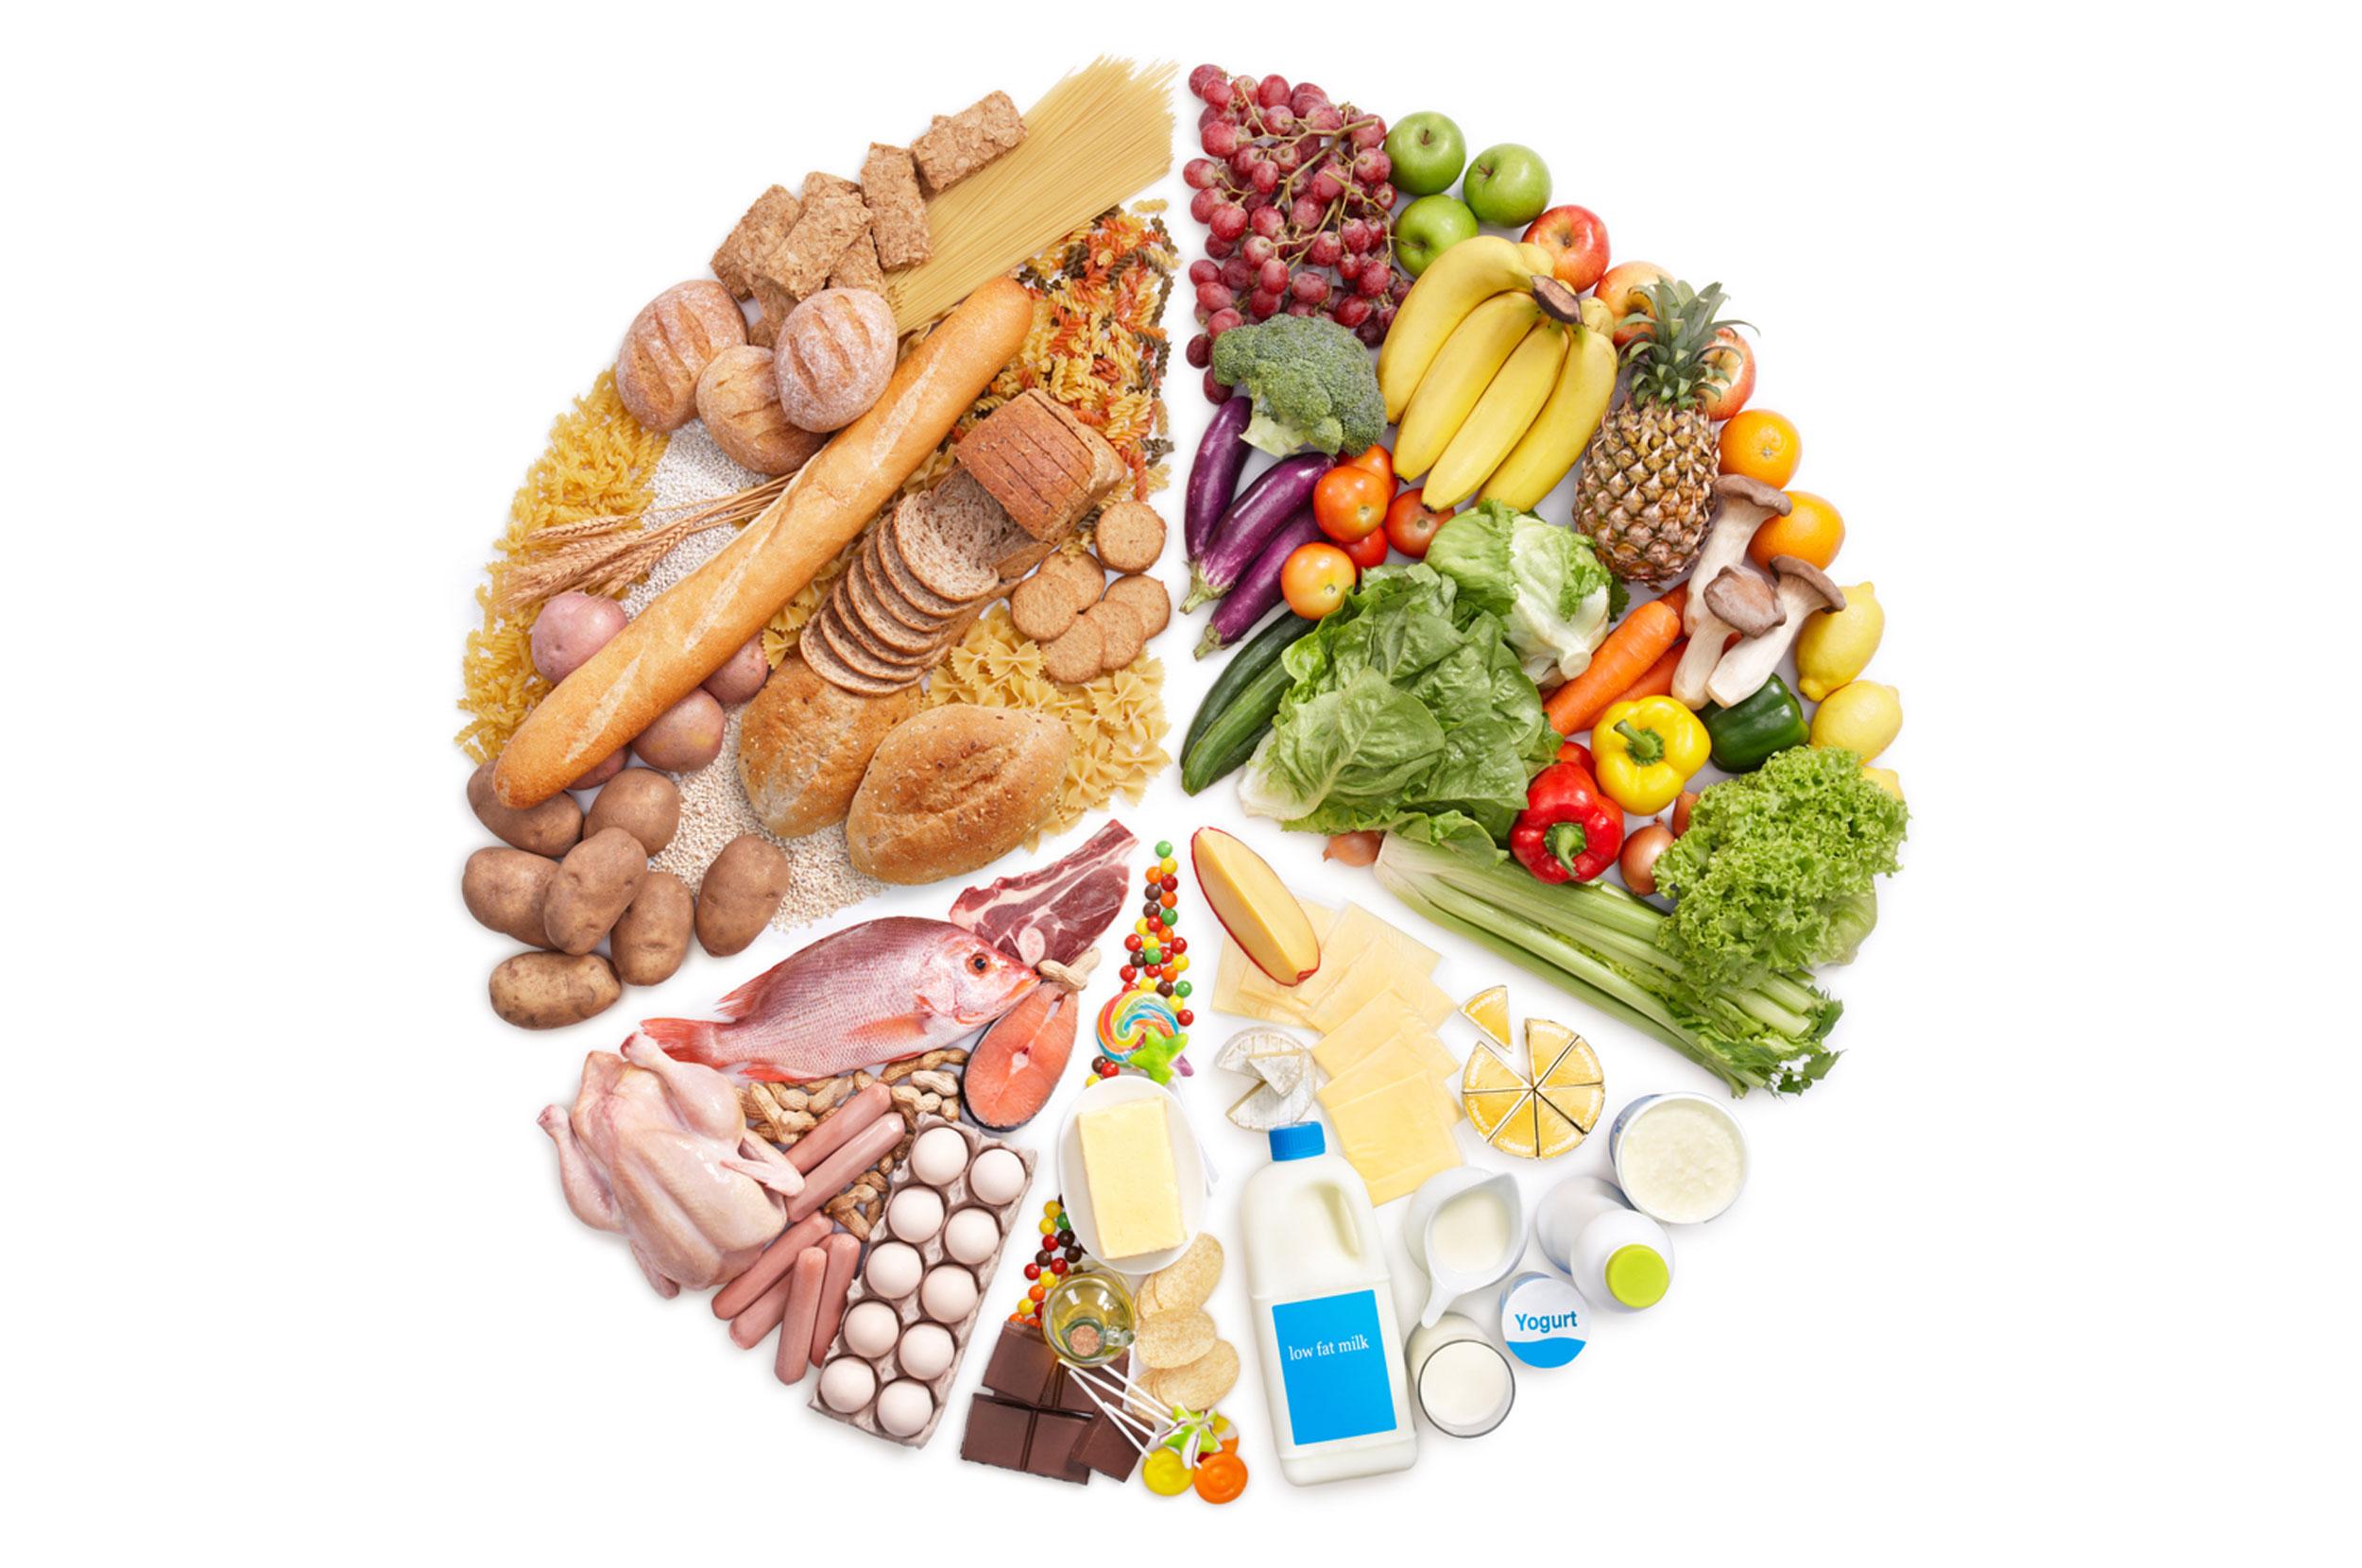 Healthy-Food-Balance.jpg